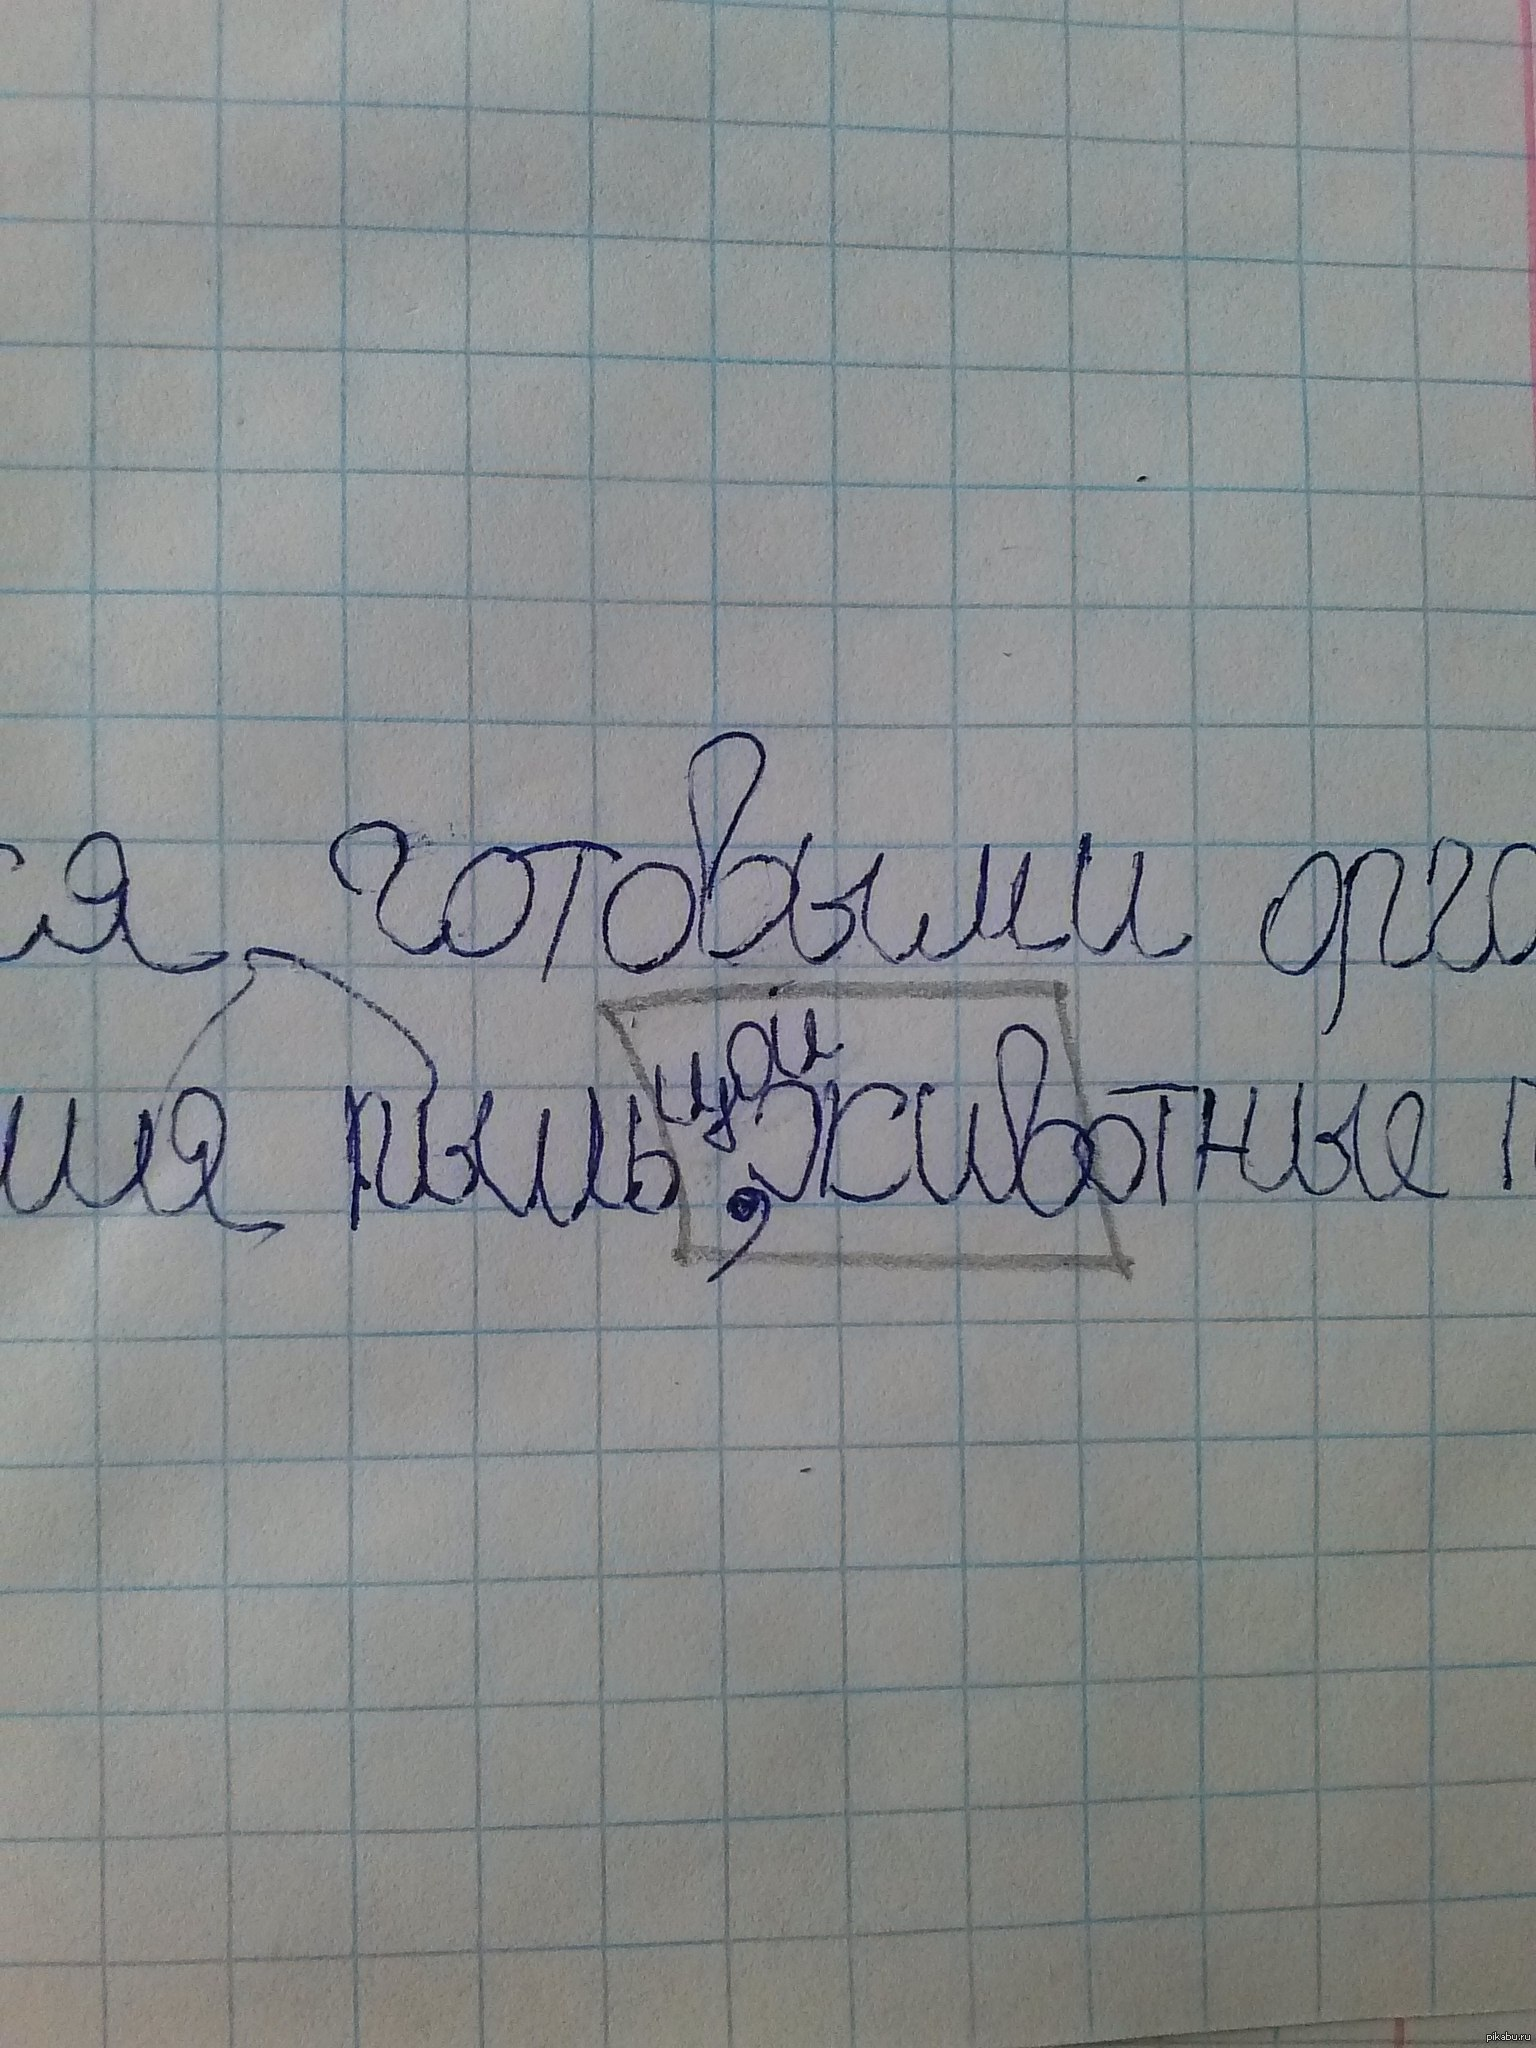 картинка с шифром я тебя люблю согласно религиозным некоторым